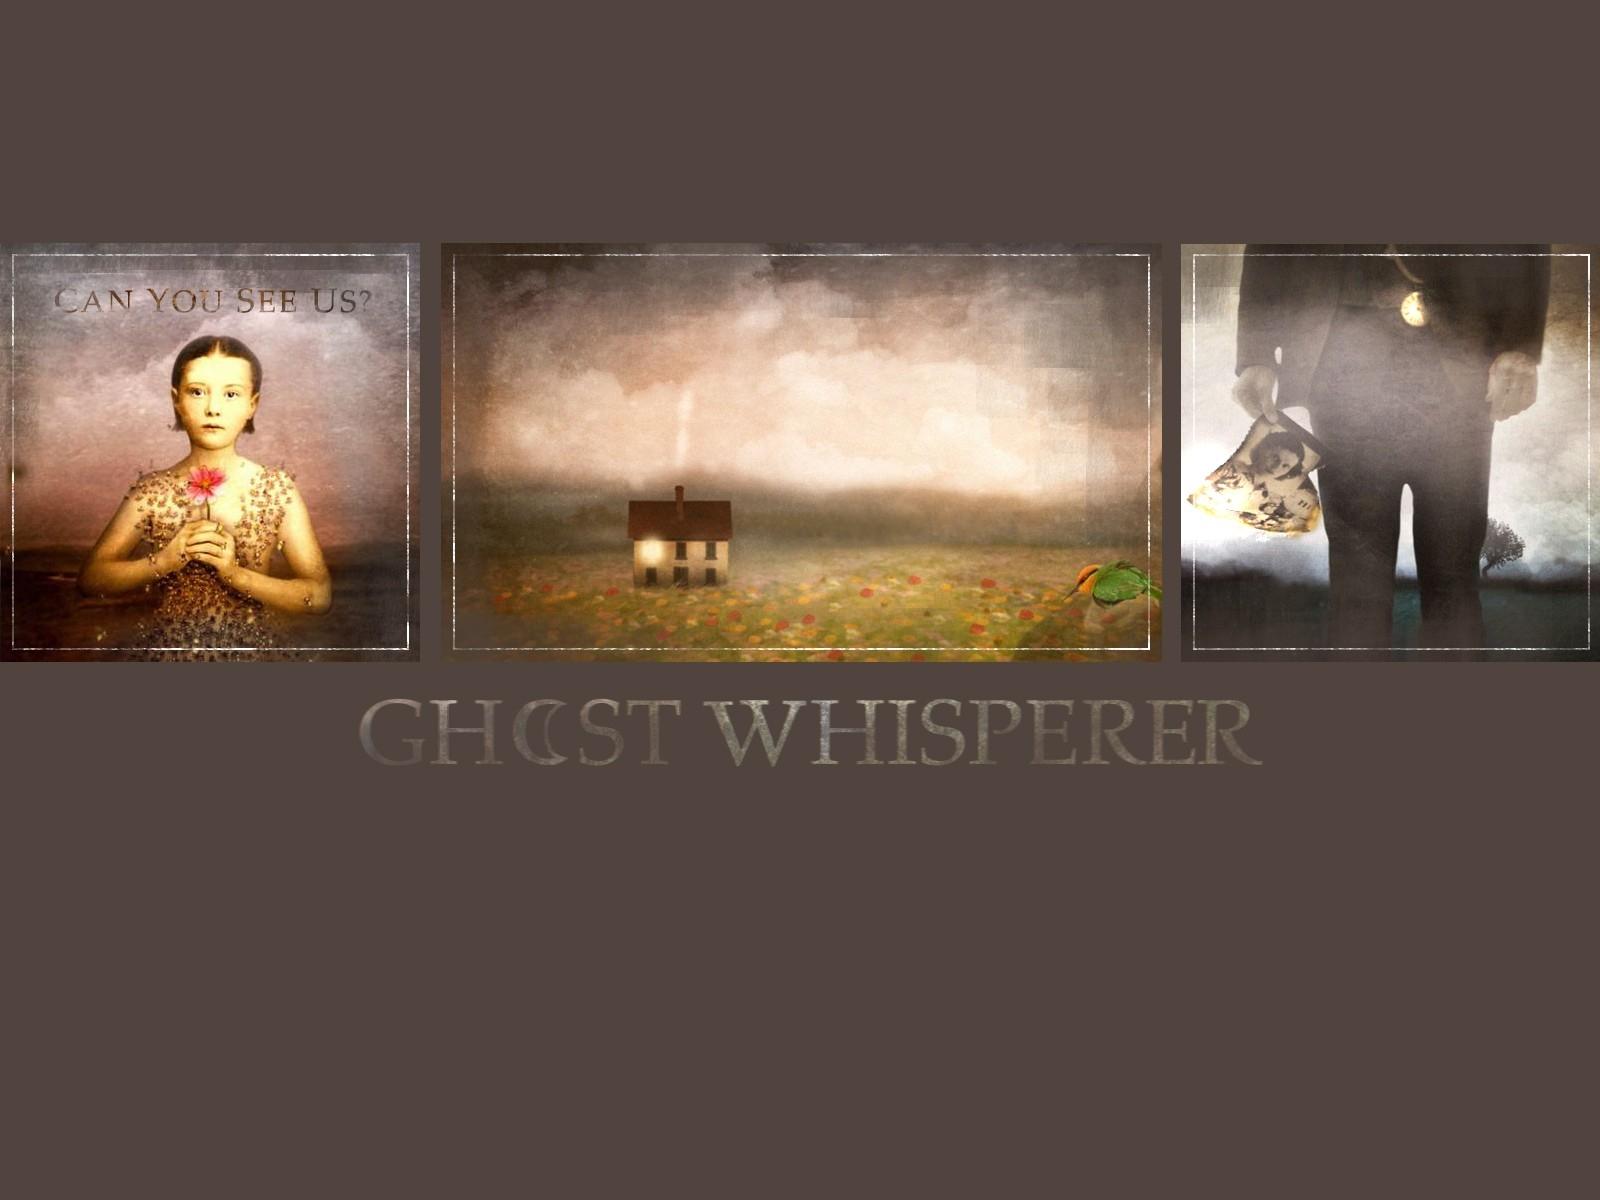 Wallpaper della serie Ghost Whisperer con le immagini dei titoli di testa.